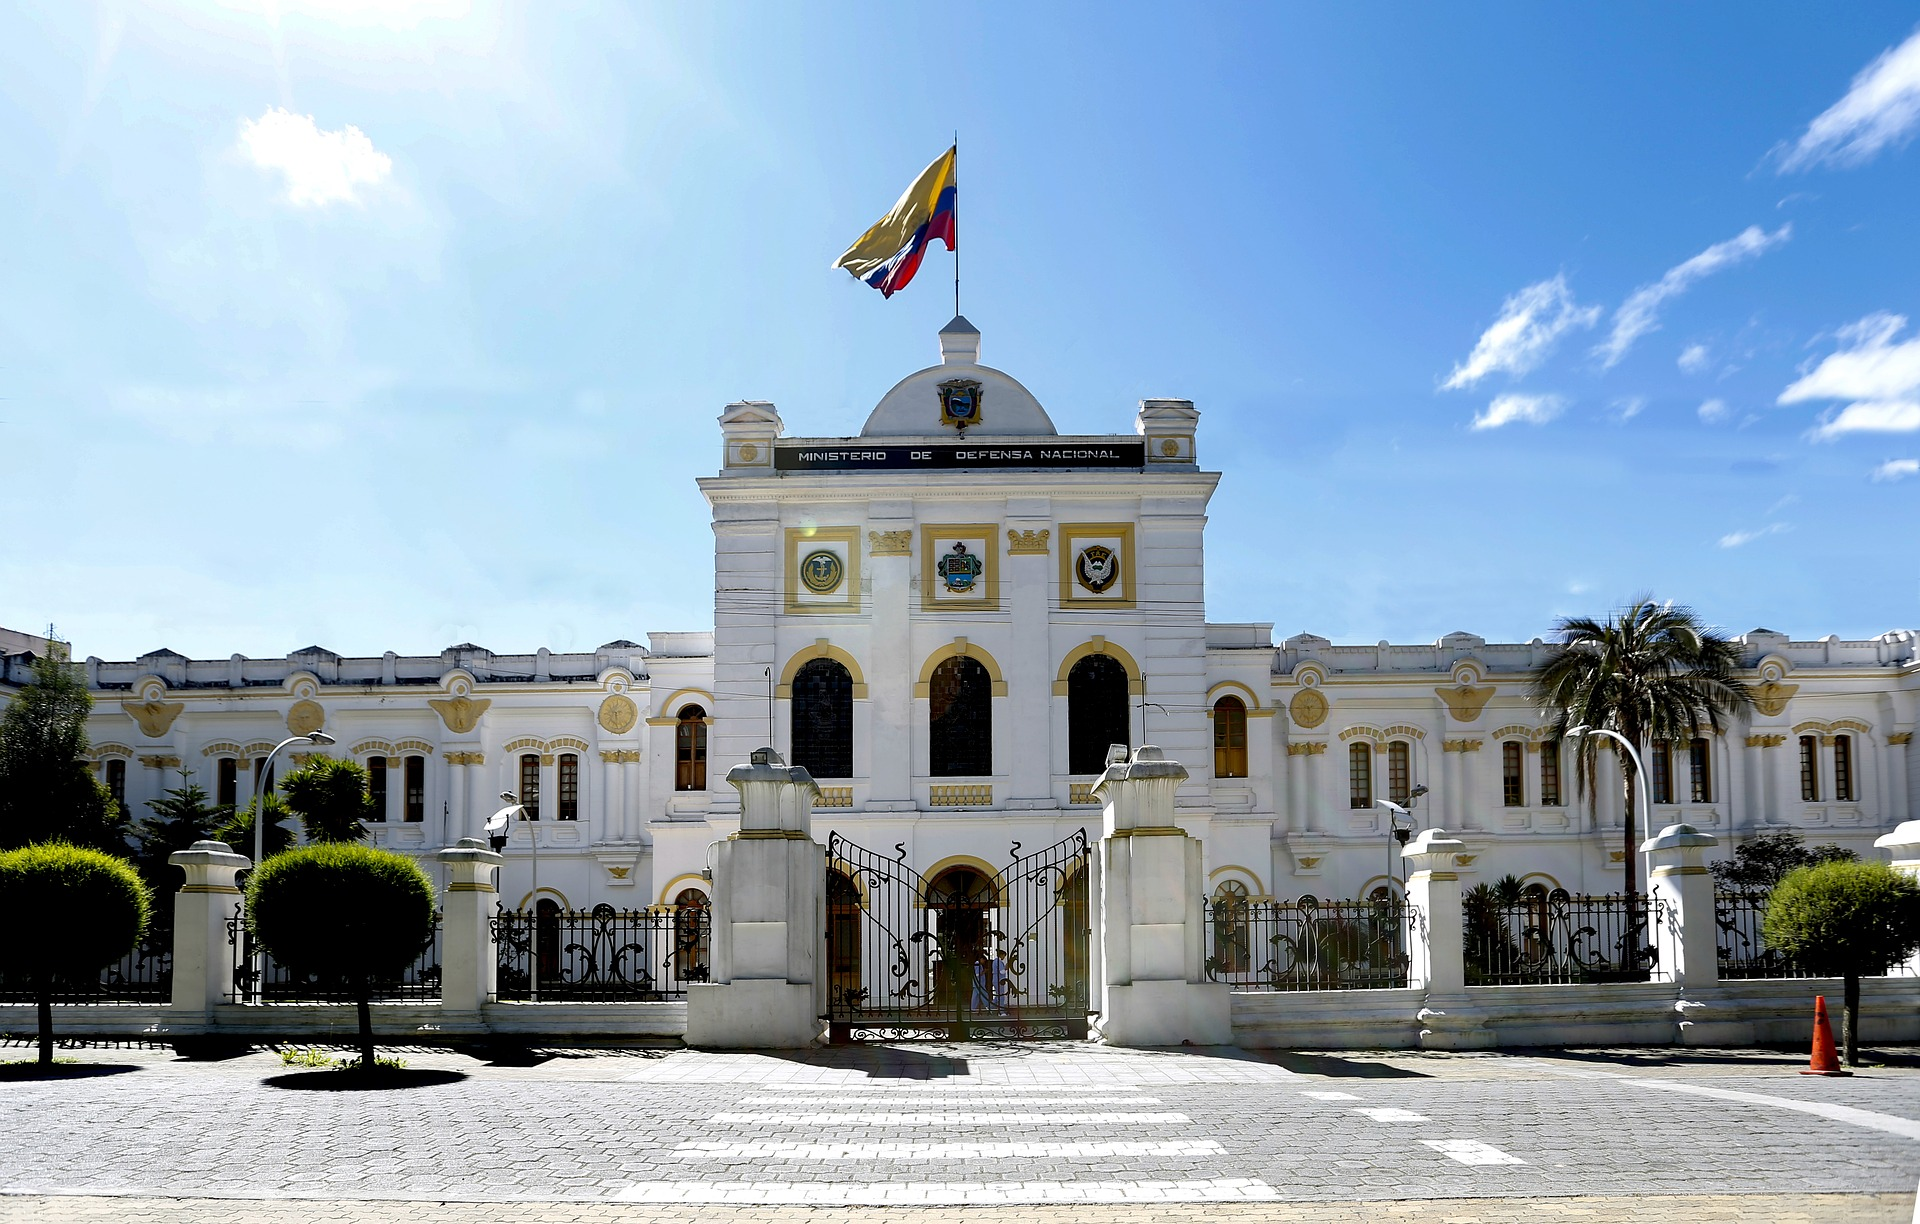 Эквадор требует уплаты налога за 2020 налоговый год